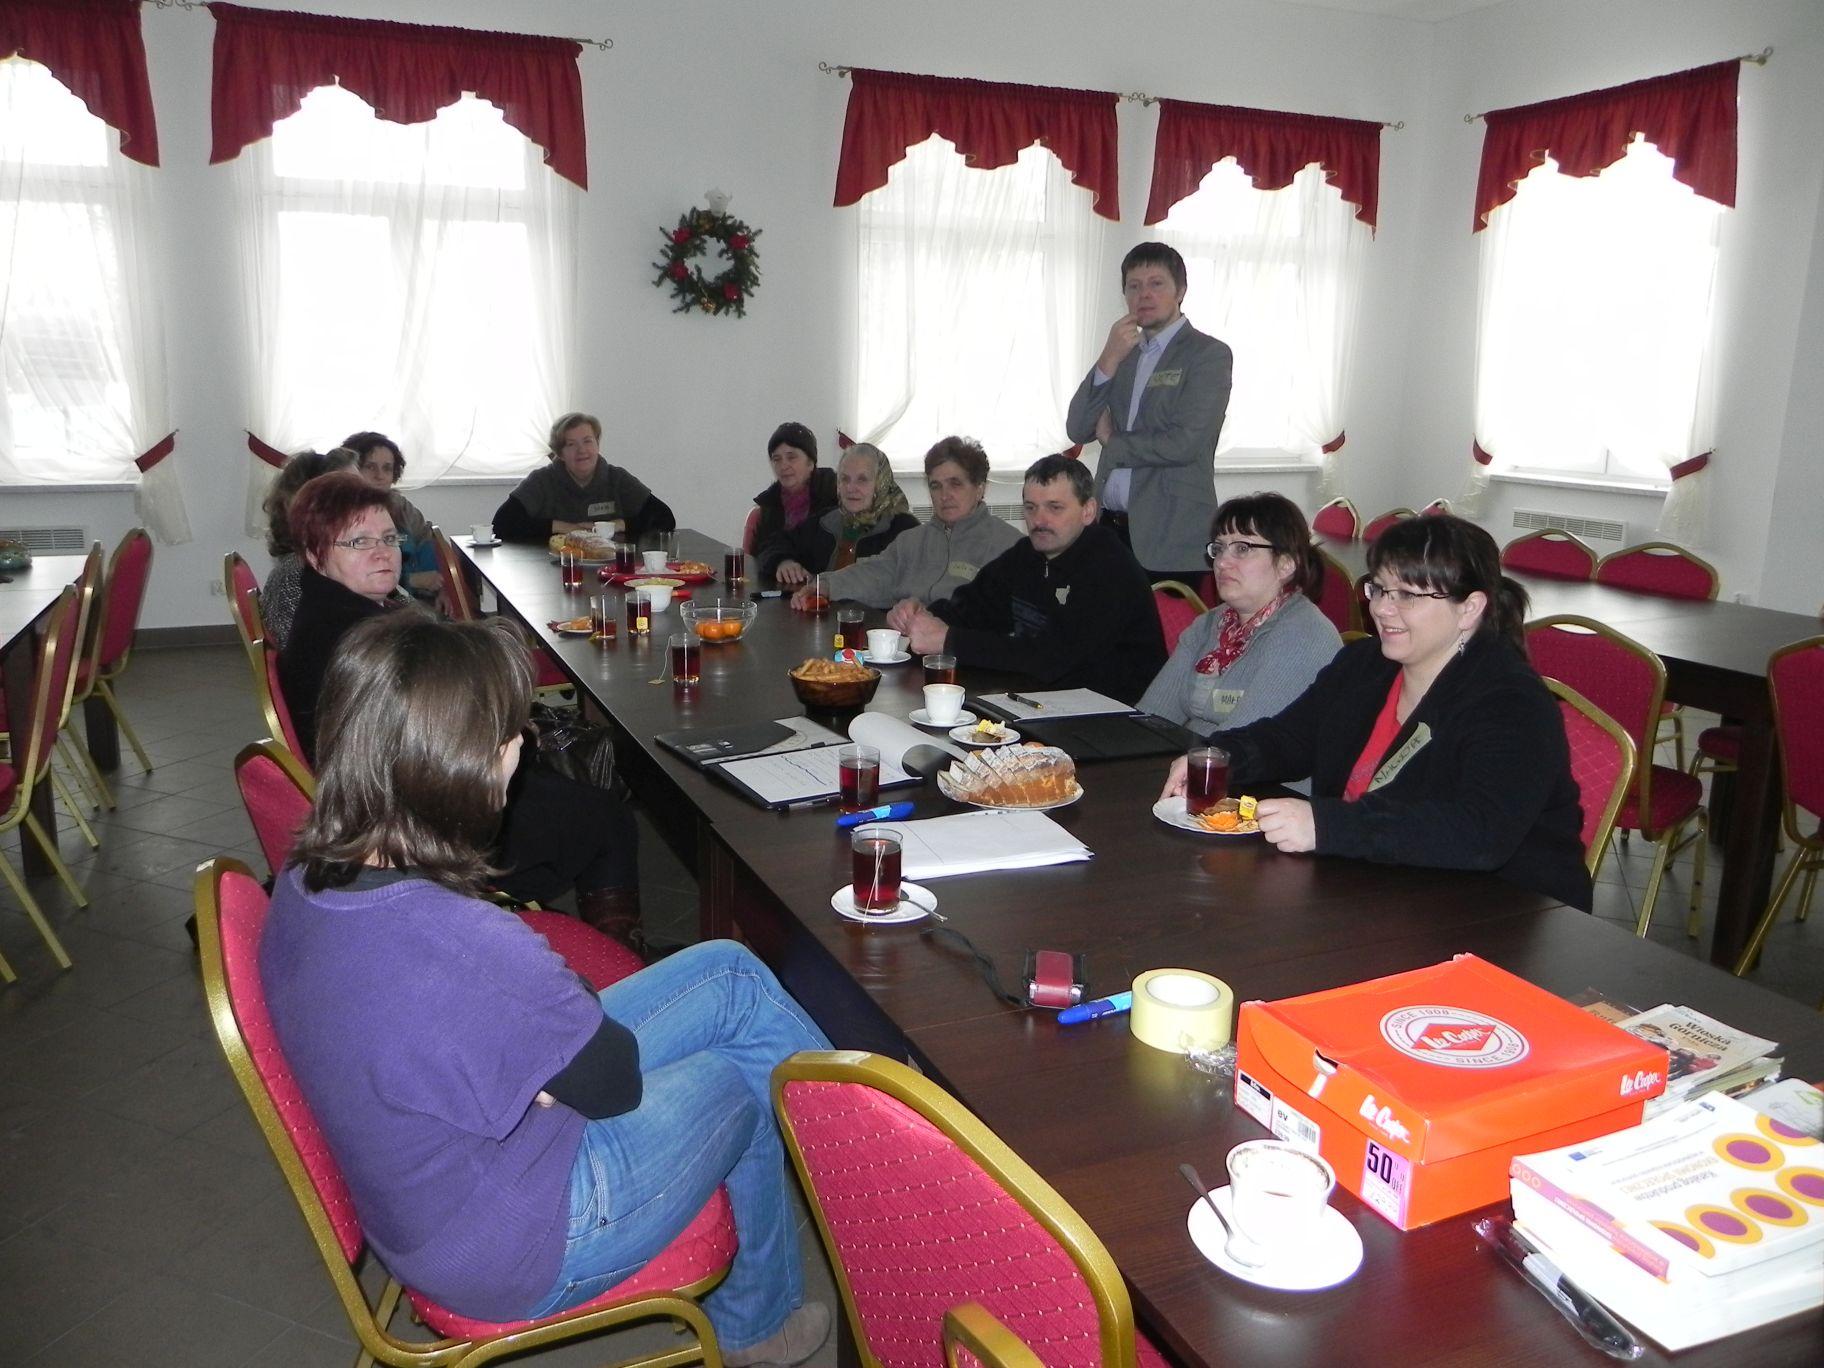 2012-12-14 Wilkowice - Konferencja Wioski tematyczne (172)